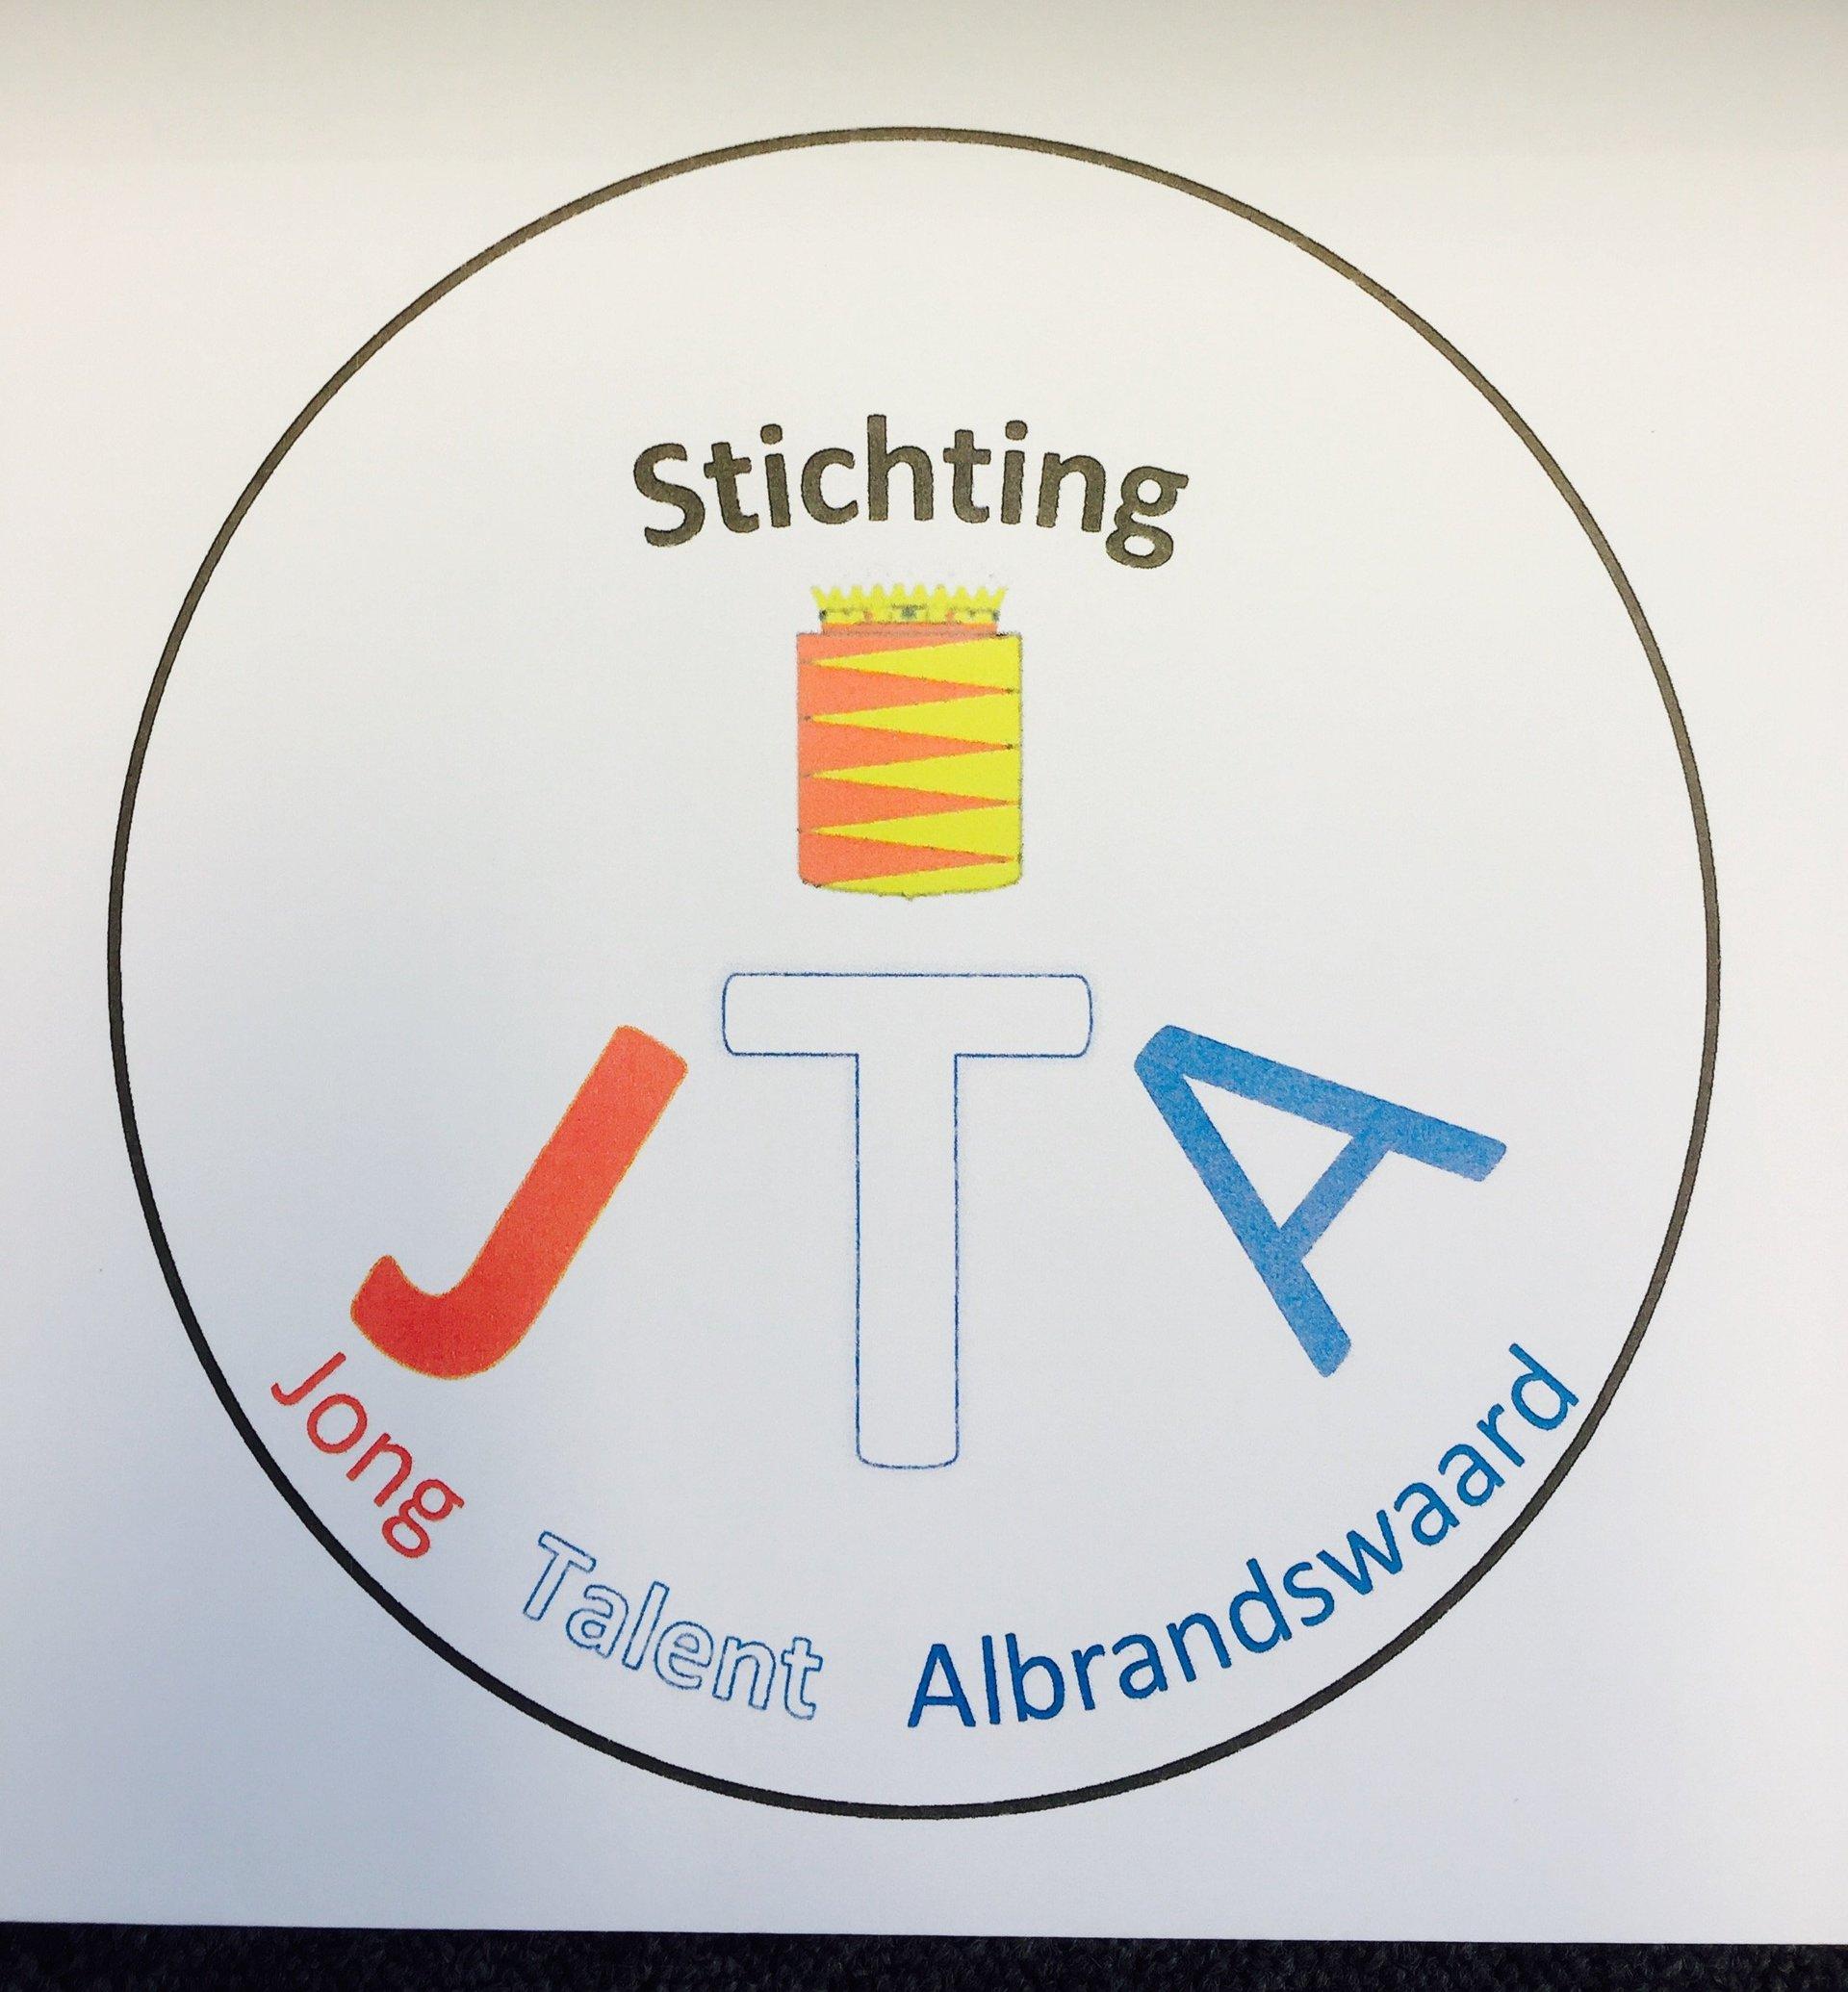 Stichting Jong Talent Albrandswaard logo